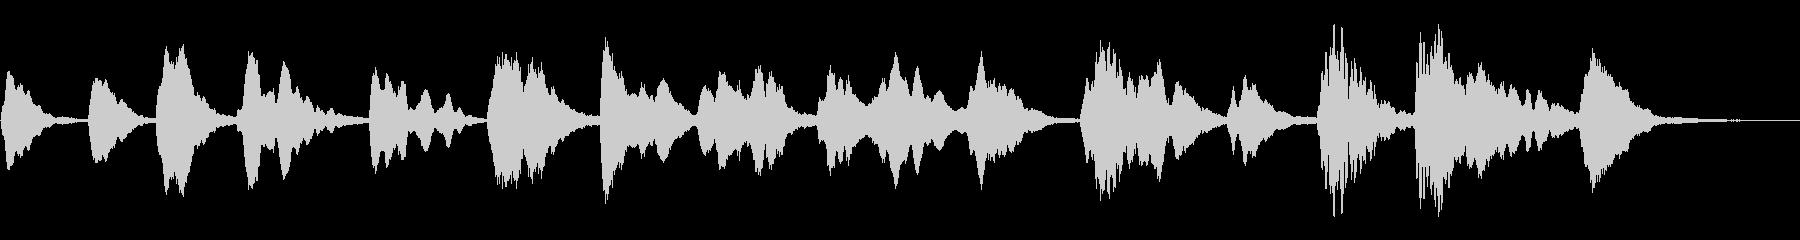 木琴による謎めいたアンビエントの未再生の波形